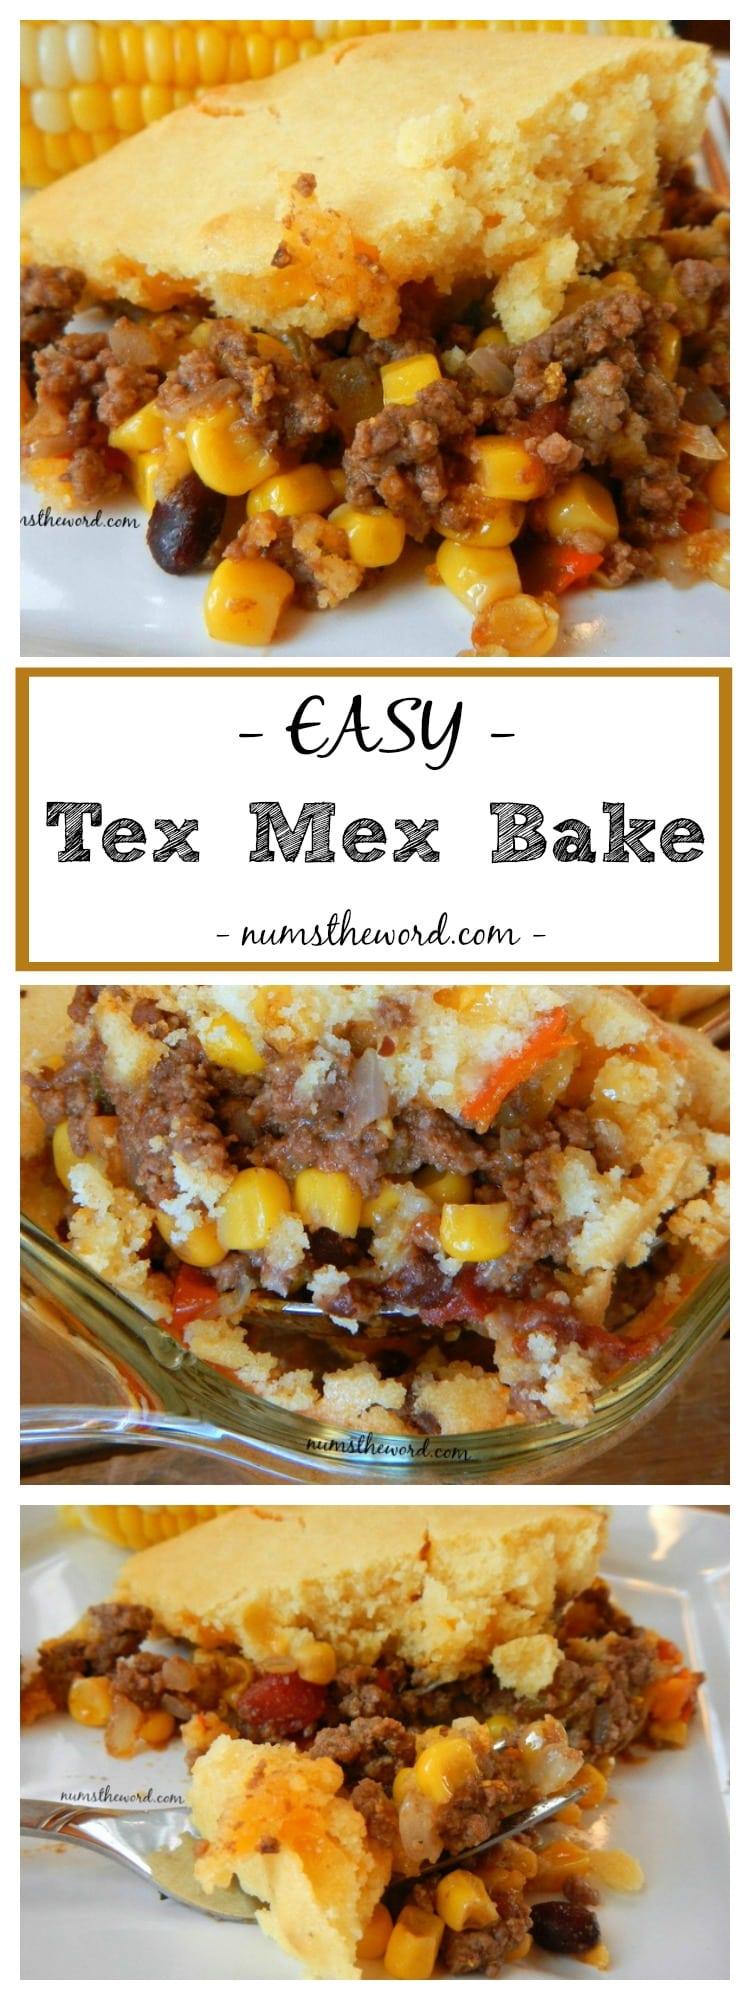 Easy Tex Mex Bake